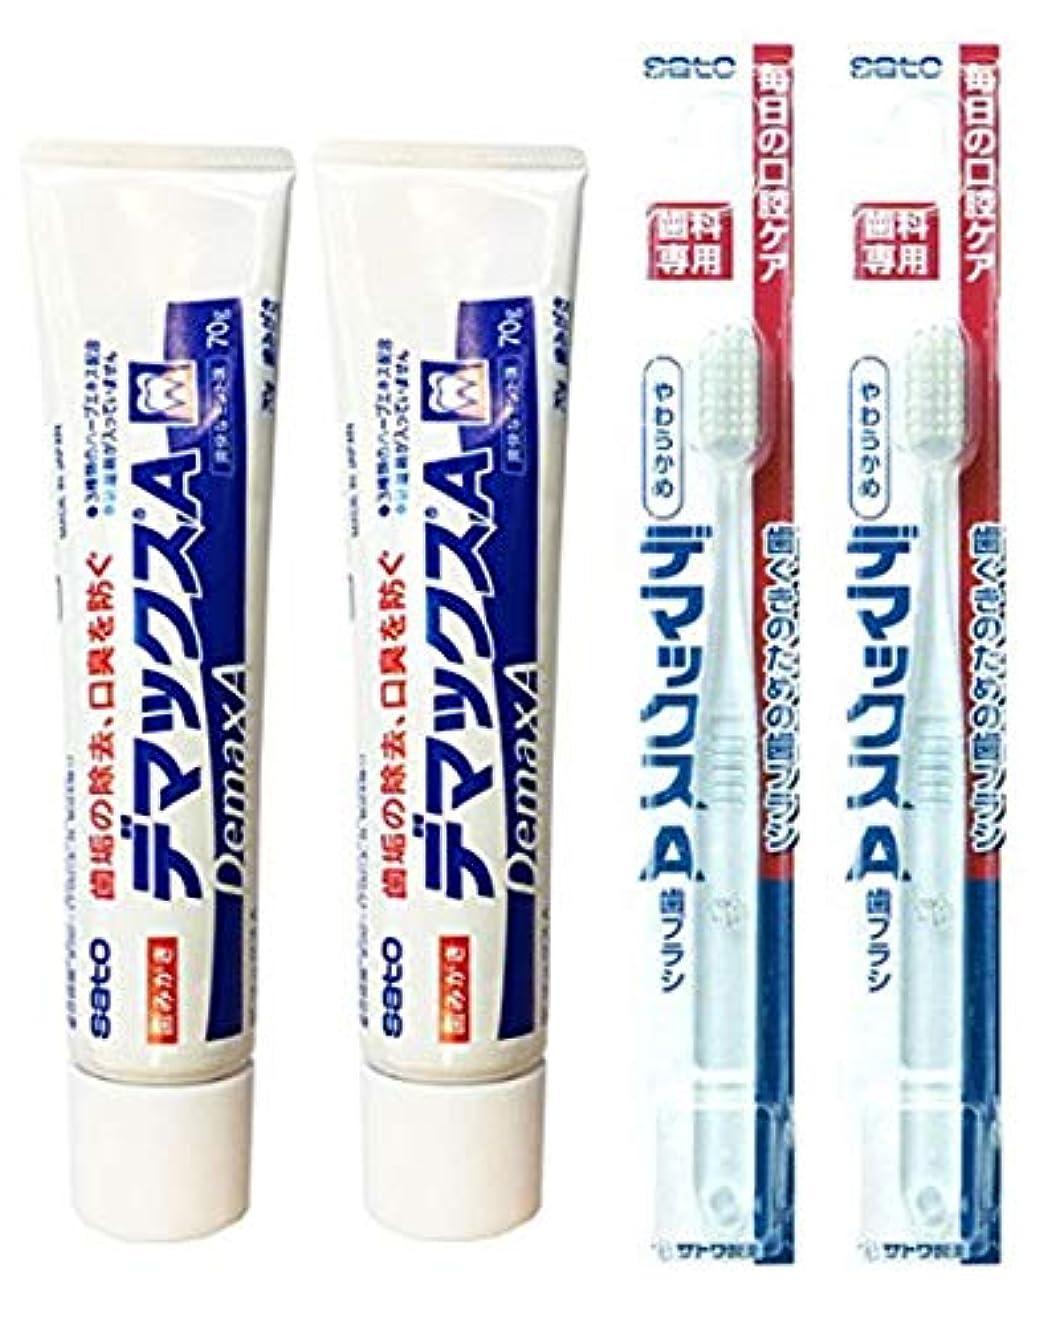 神シェフホース佐藤製薬 デマックスA 歯磨き粉(70g) 2個 + デマックスA 歯ブラシ 2本 セット